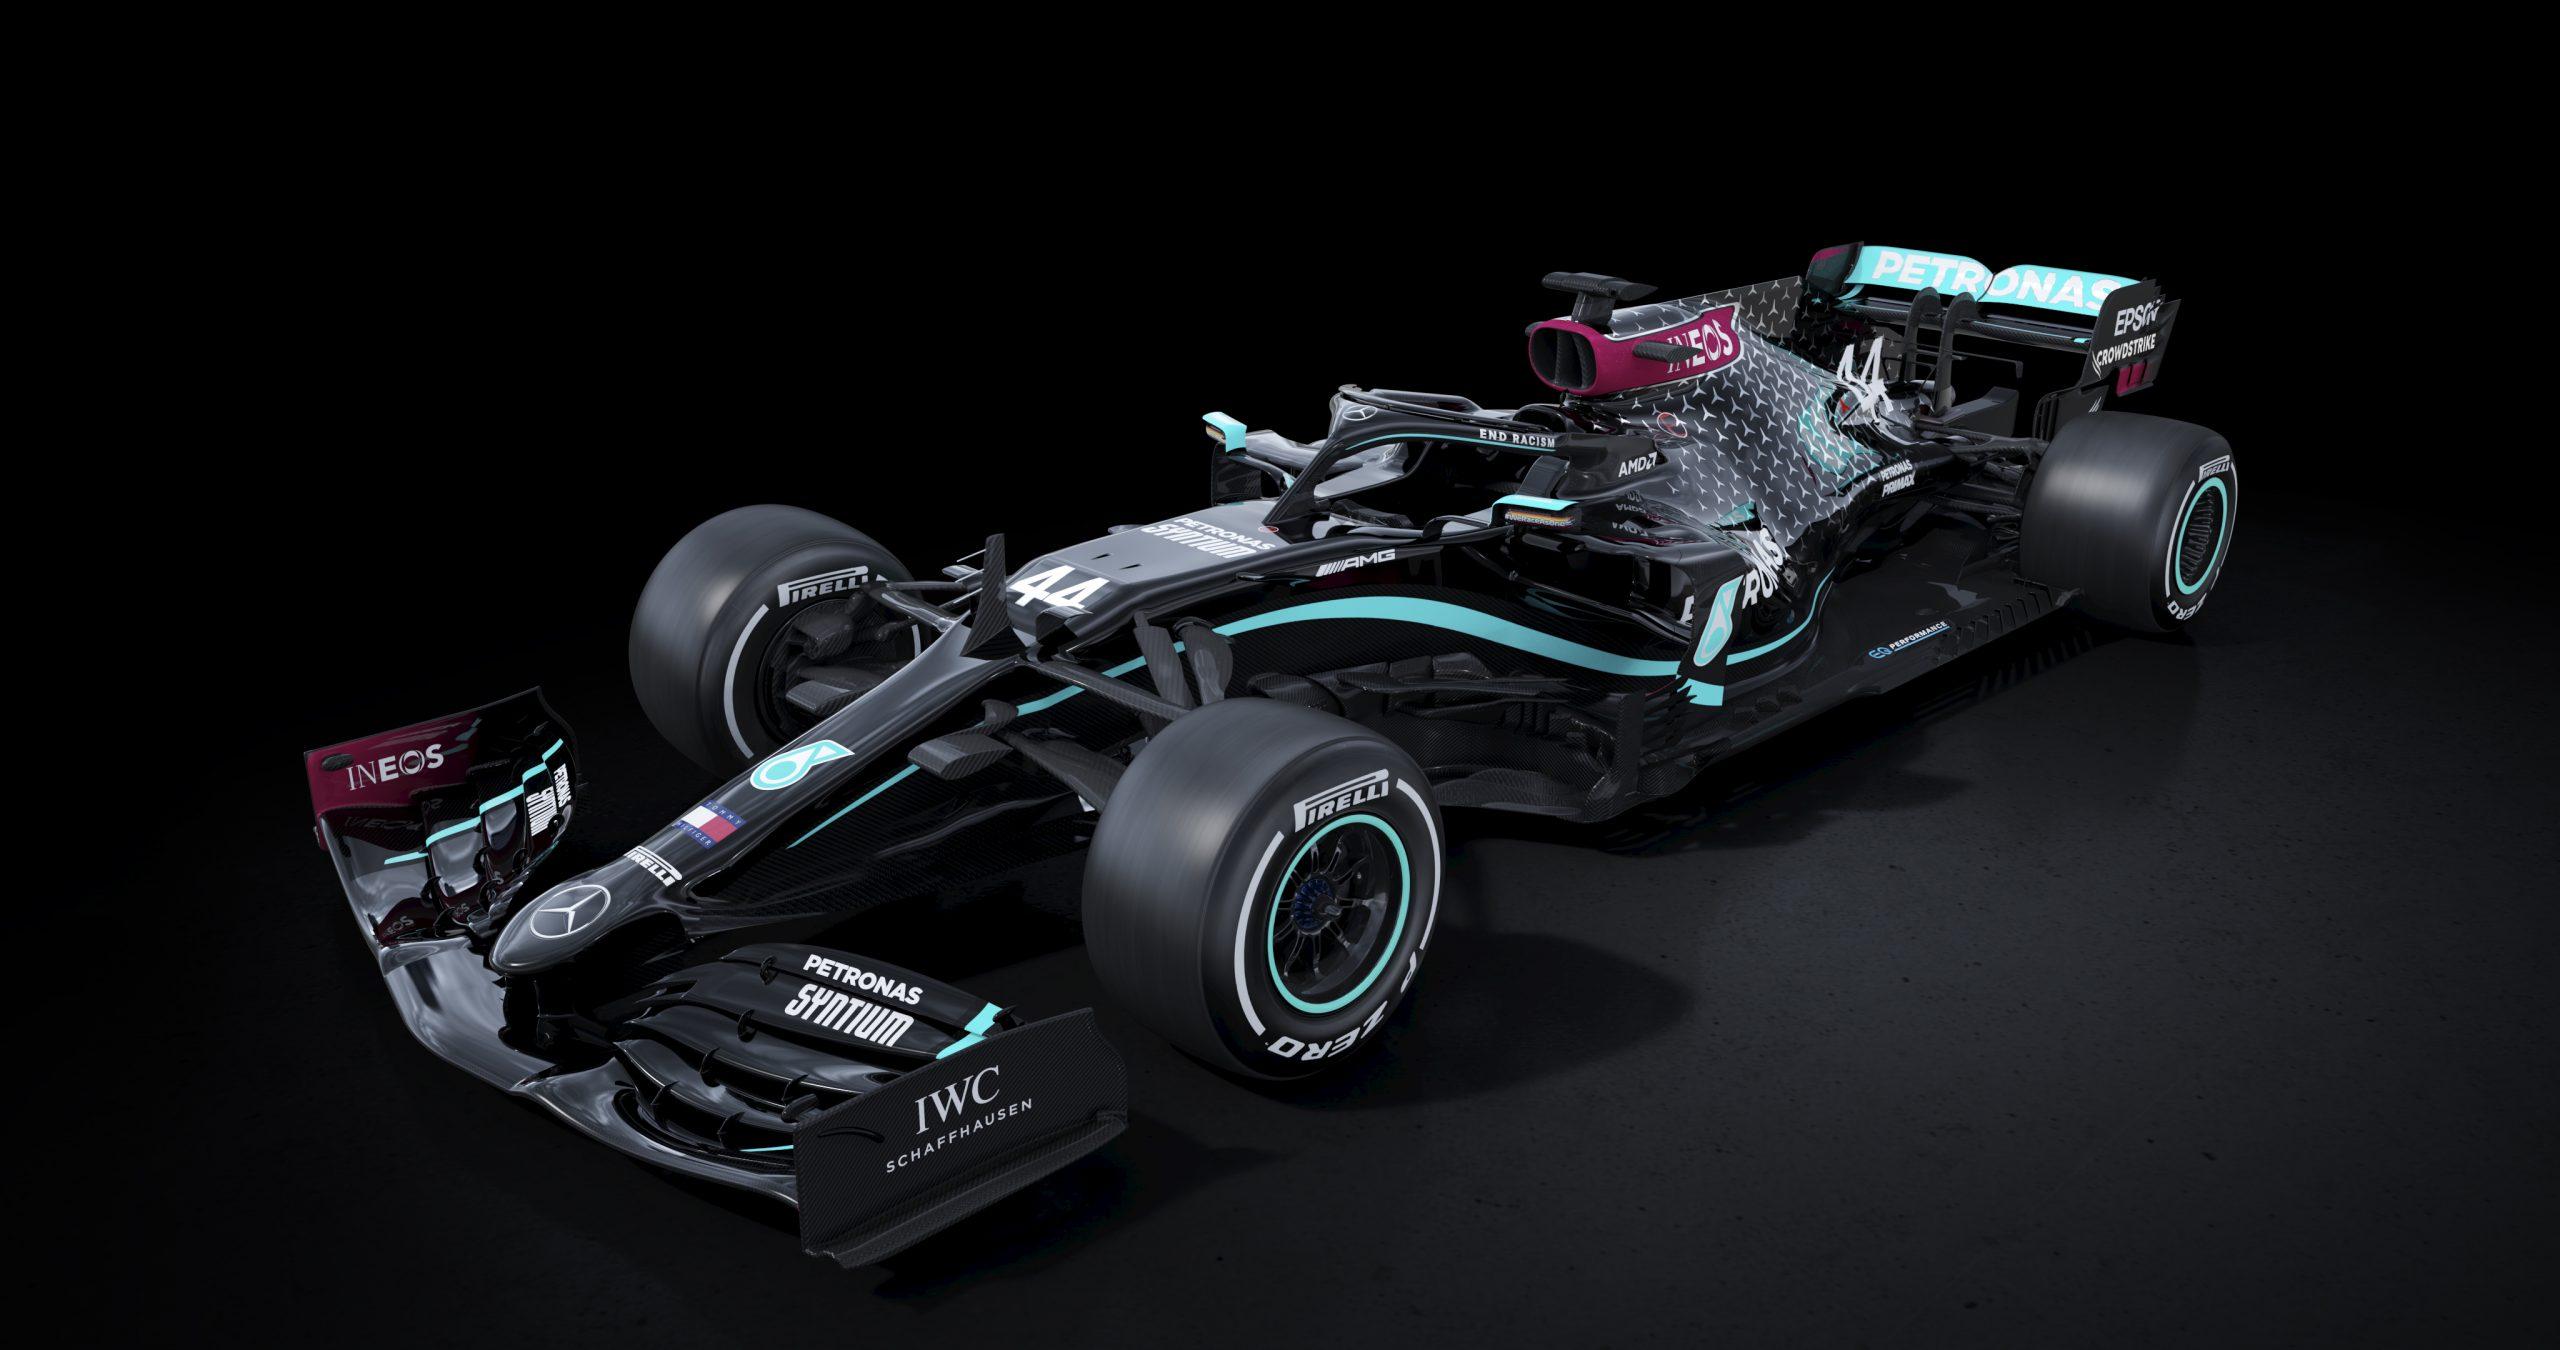 ¡Bravo! Mercedes pintó de negro sus monoplazas para combatir el racismo